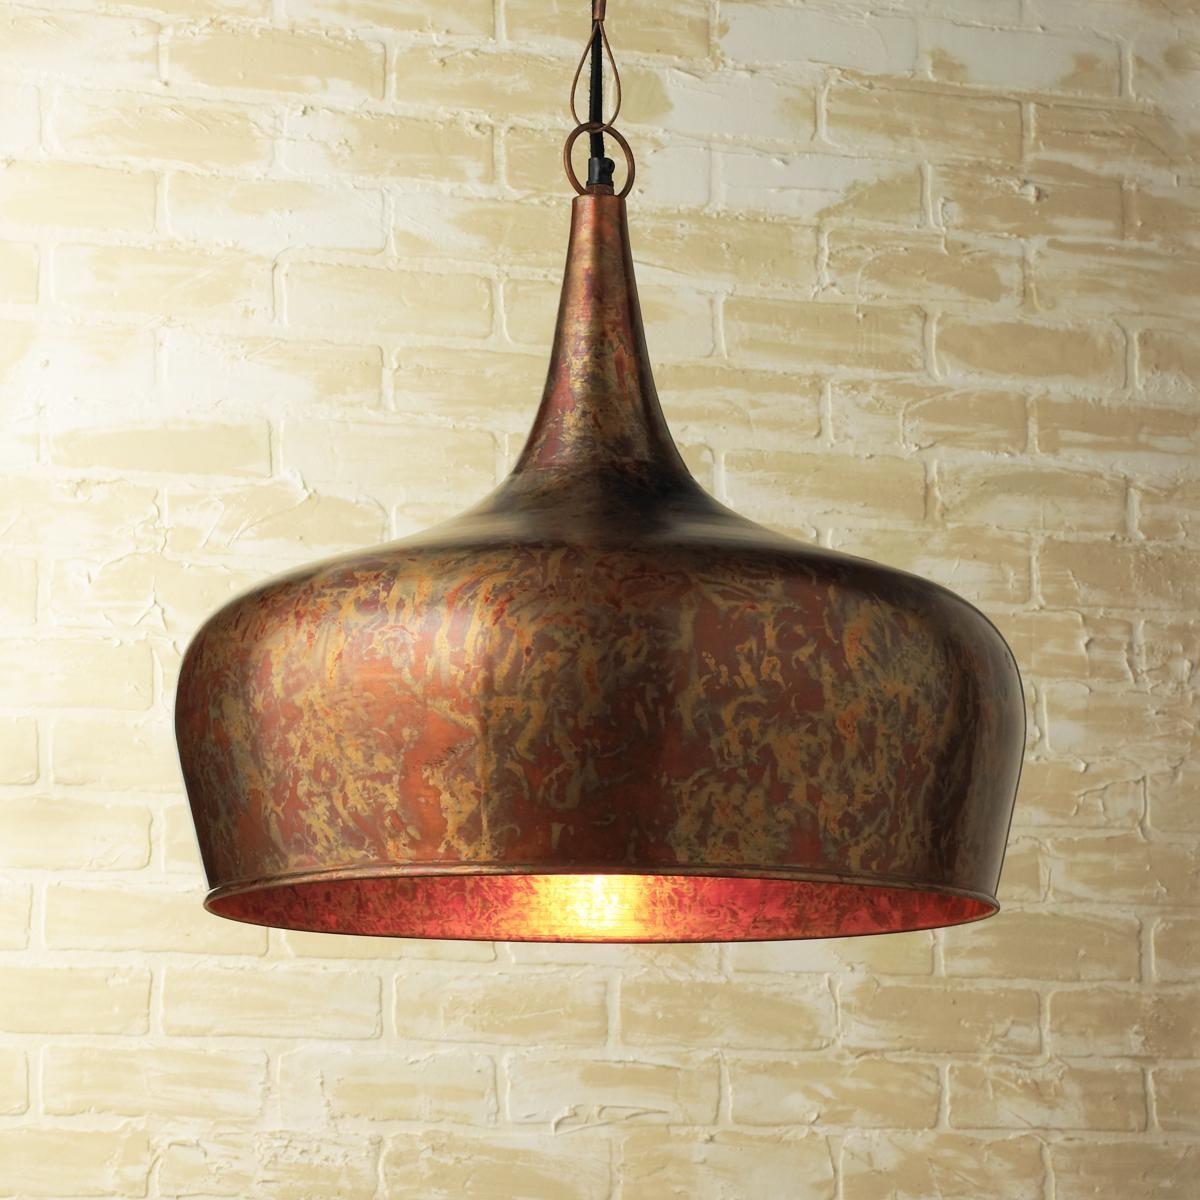 Copper Onion Dome Pendant Light Dome Pendant Lighting Copper Lighting Copper Pendant Lights